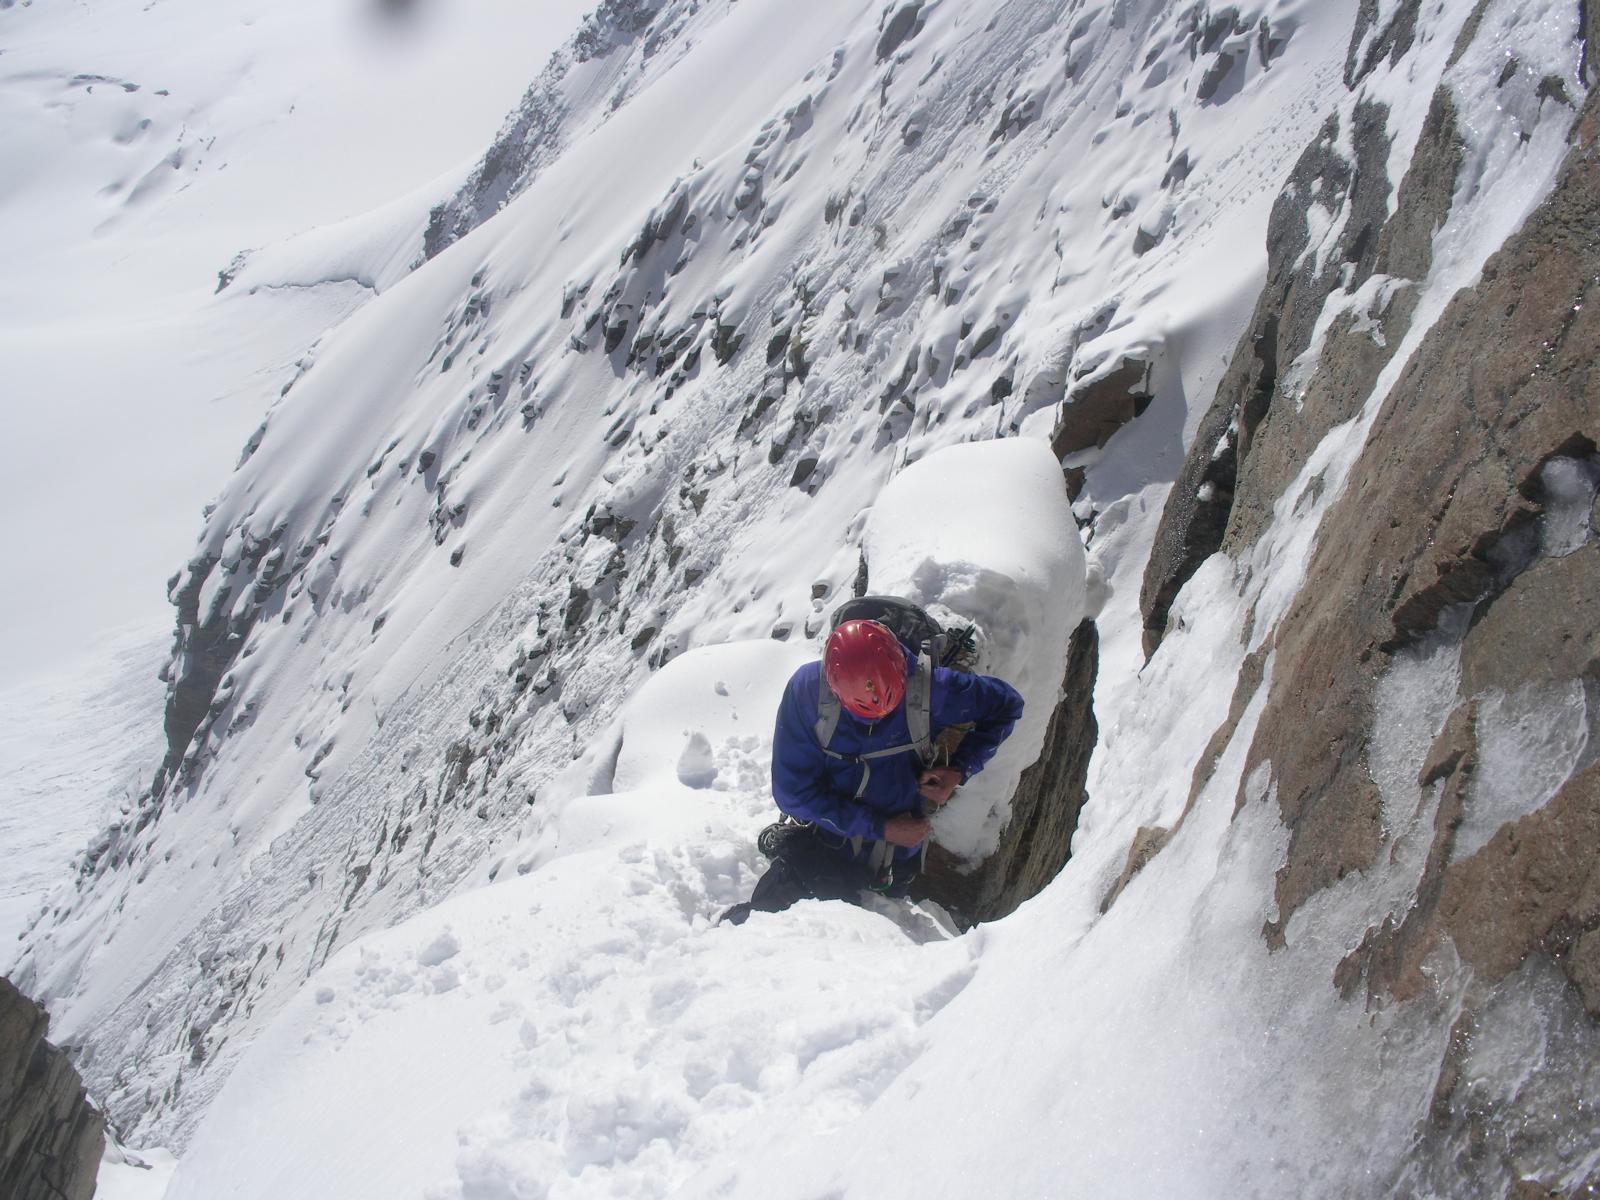 sul lato Cogne e' inverno pieno con tanta troppa neve fresca ovunque..